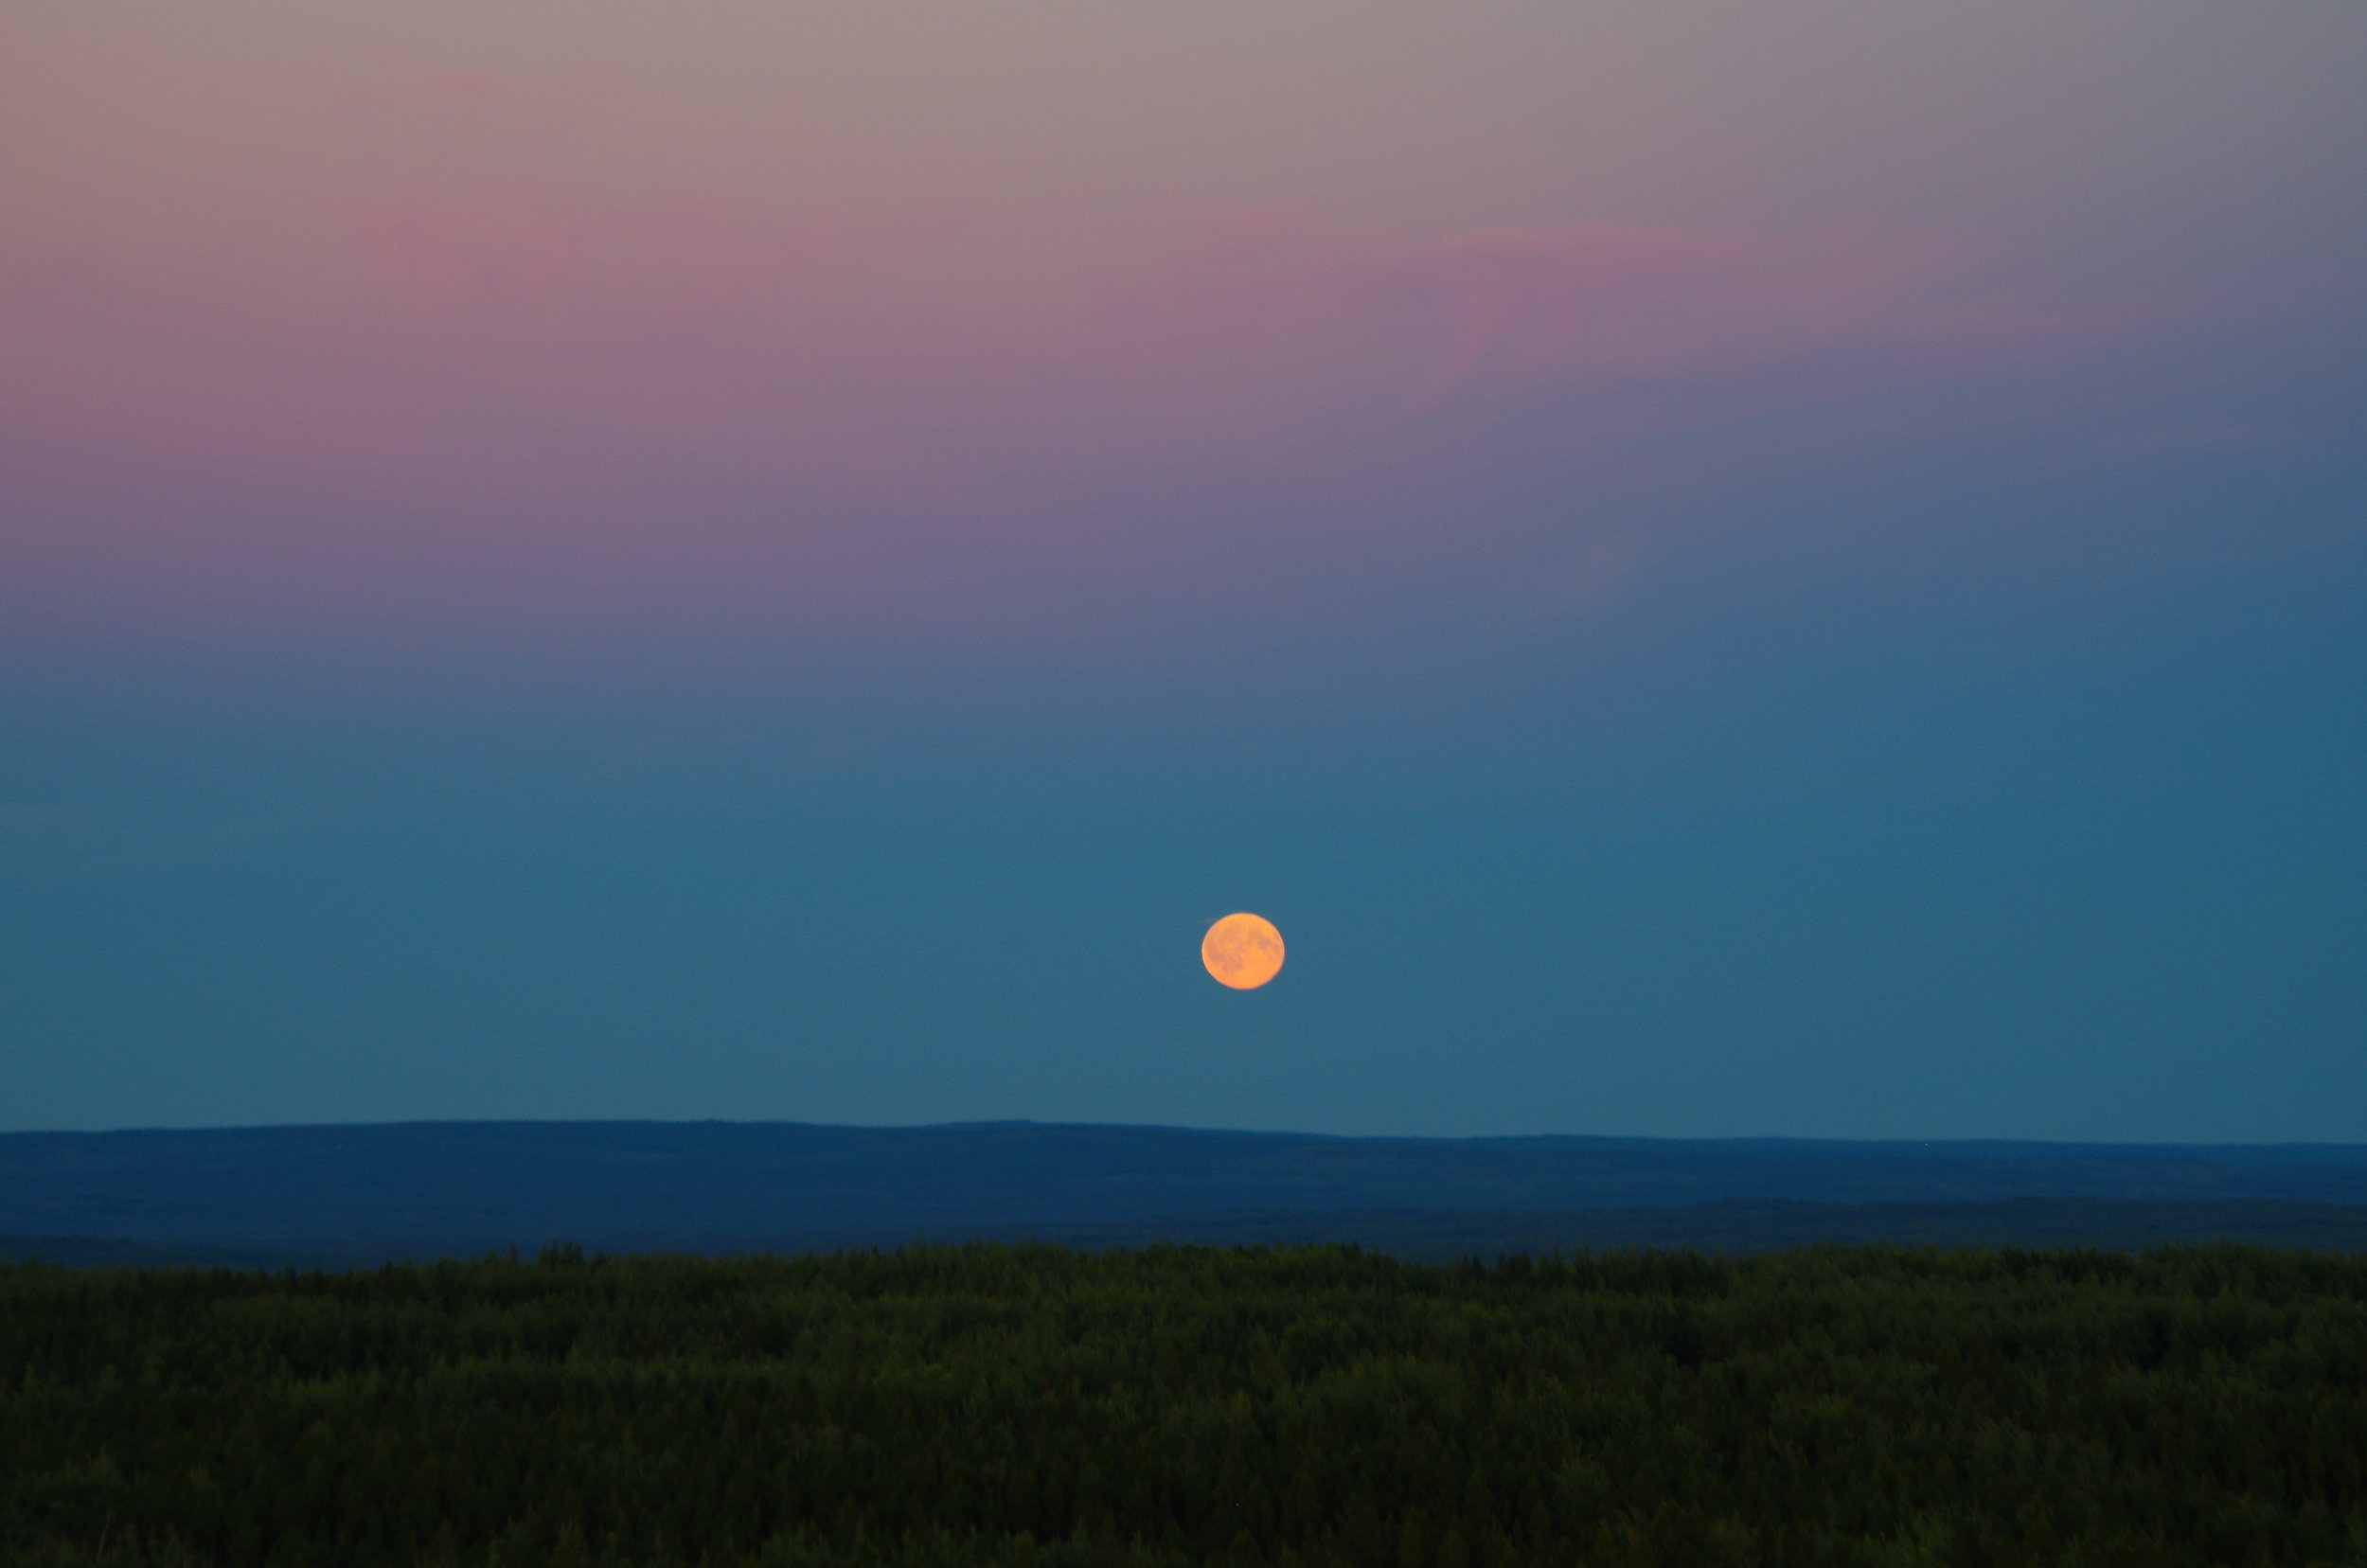 Full moon rising. (Photo by Trina Moyles)